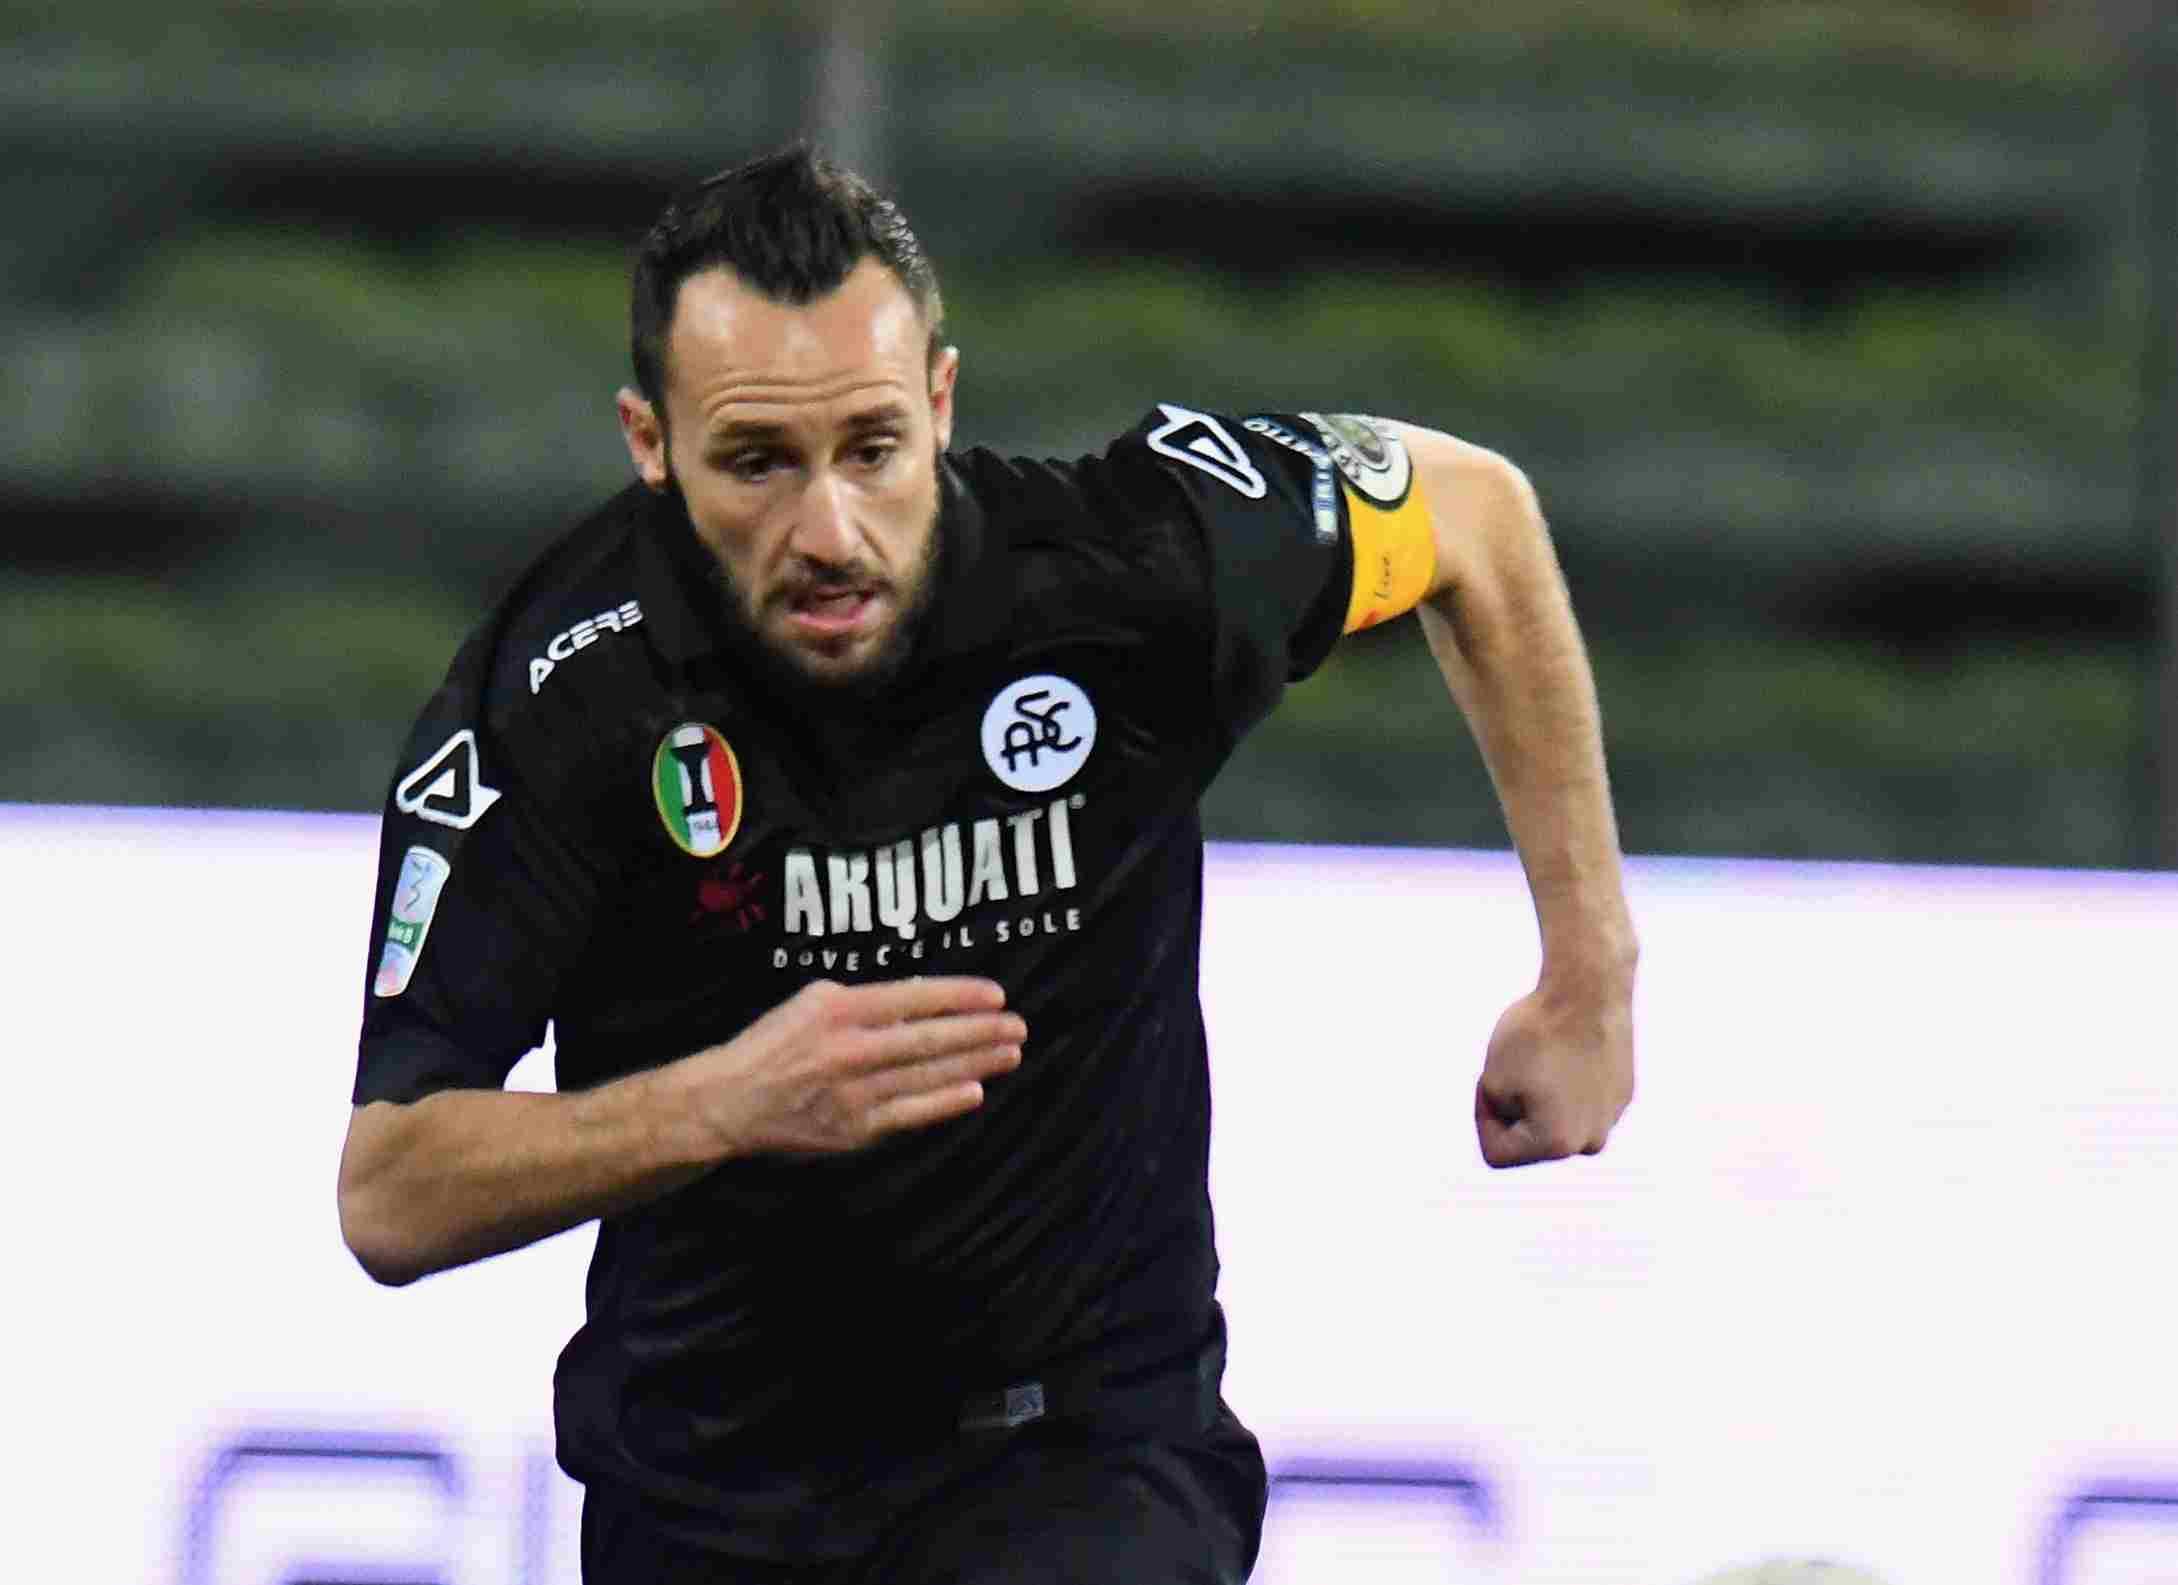 Calciomercato Spezia, Terzi rinnova: trovato l'accordo fino al 2021